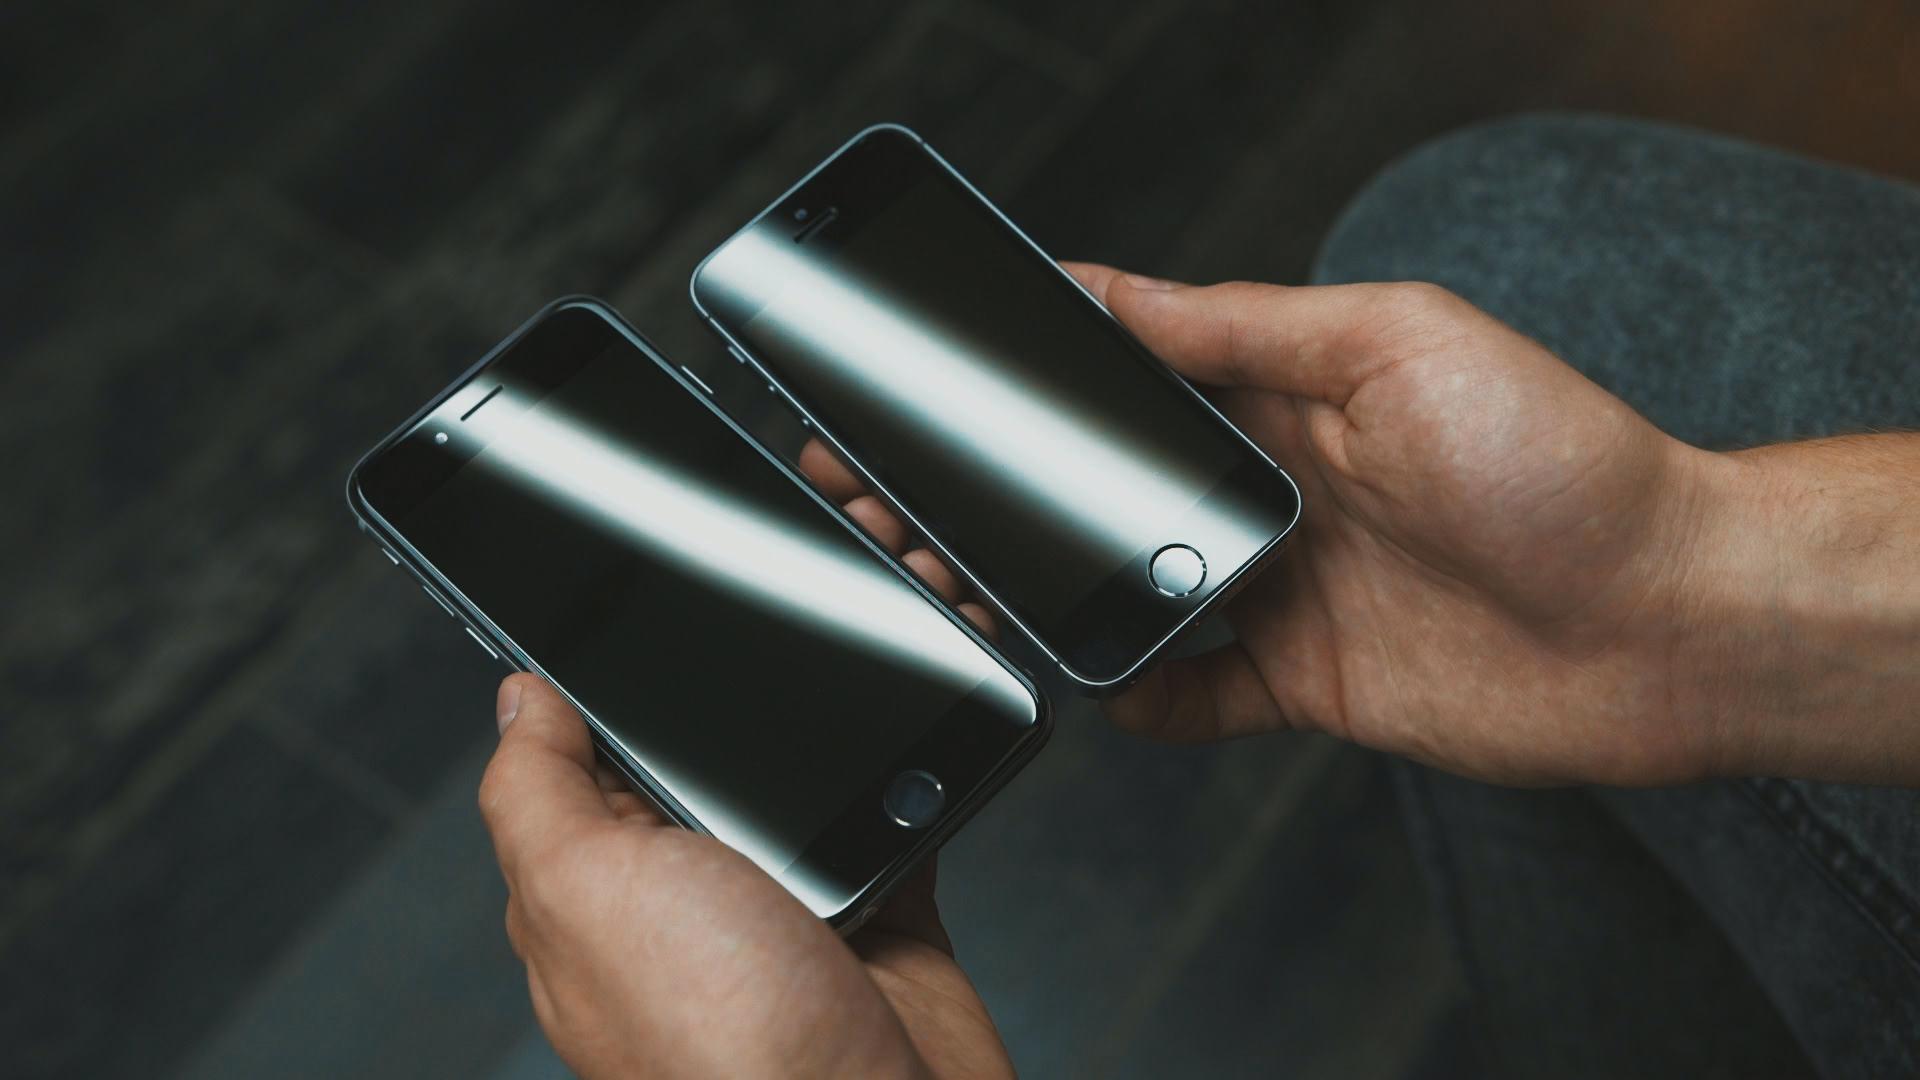 Российский видеоблог Rozetked сделал обзор iPhone 6